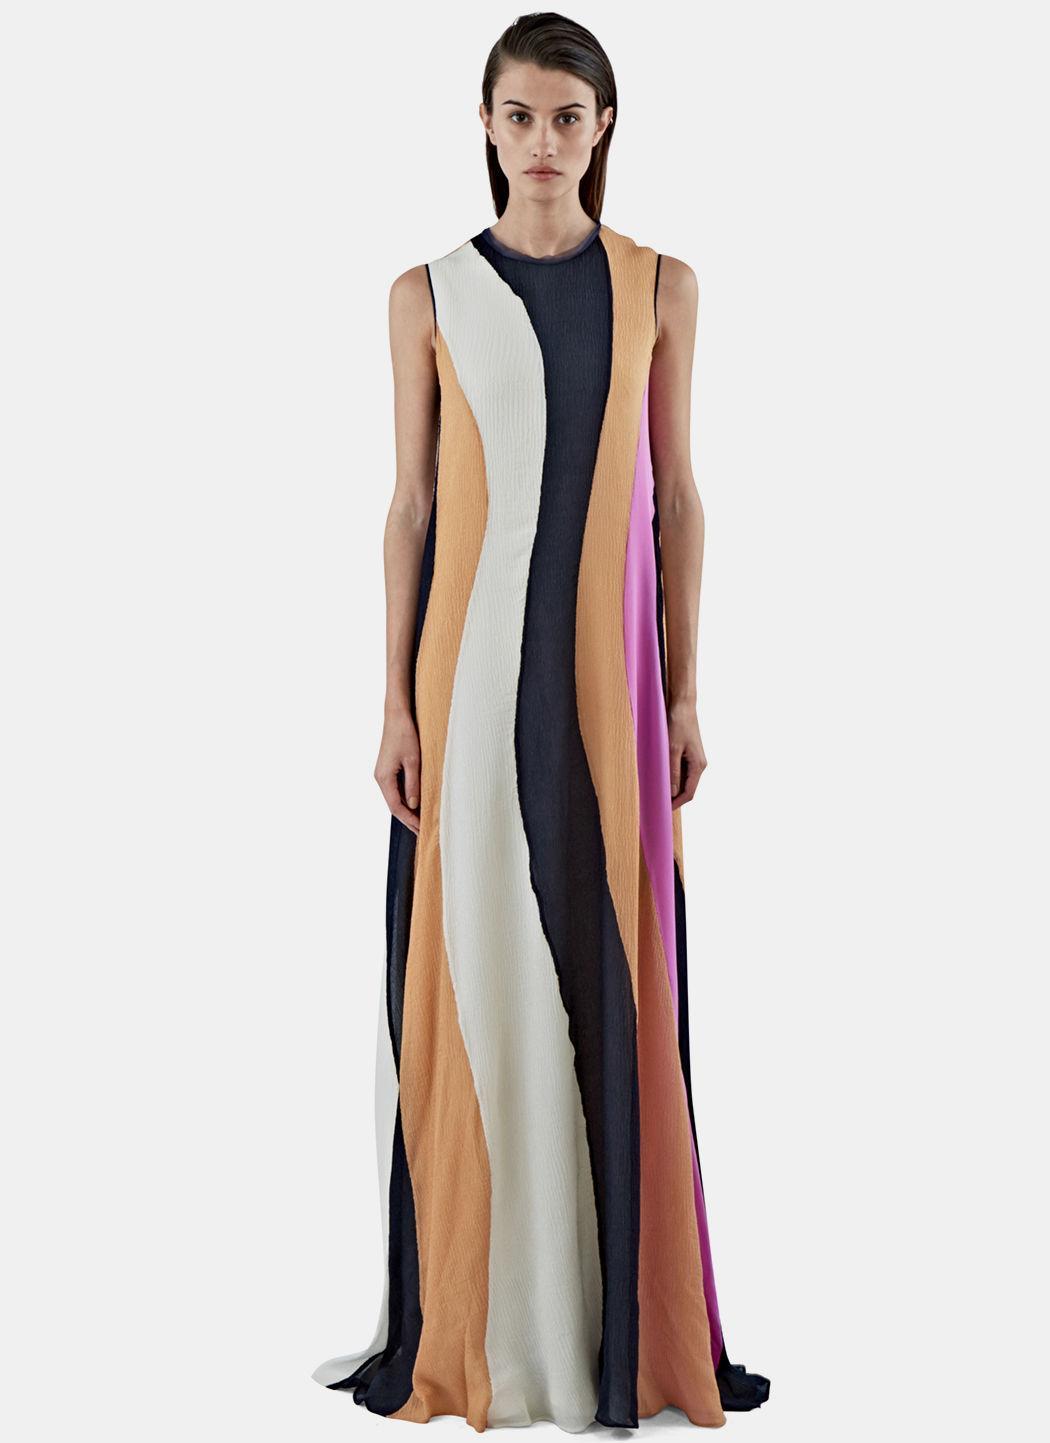 dd96cf9faf826e Roksanda Women's Pemba Long Seersucker Striped Dress In Black, White, Tan  And Pink In